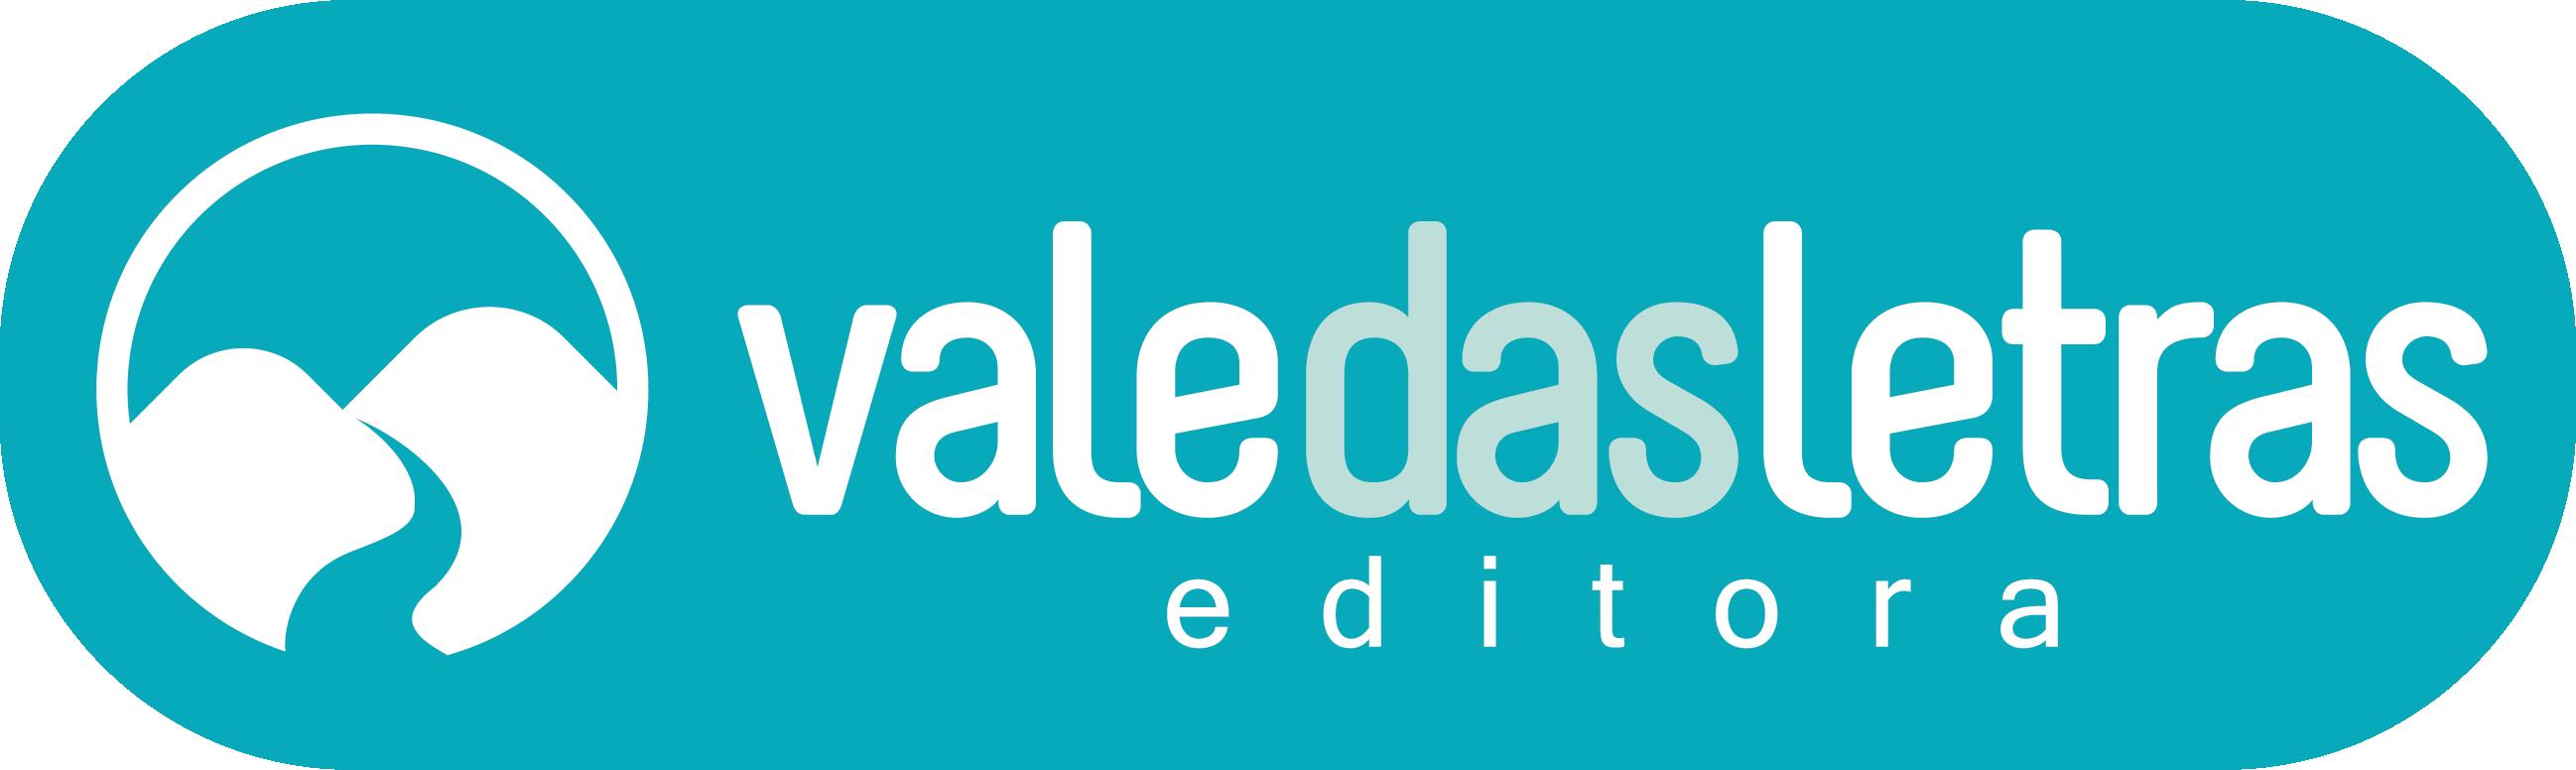 Editora Vale das Letras